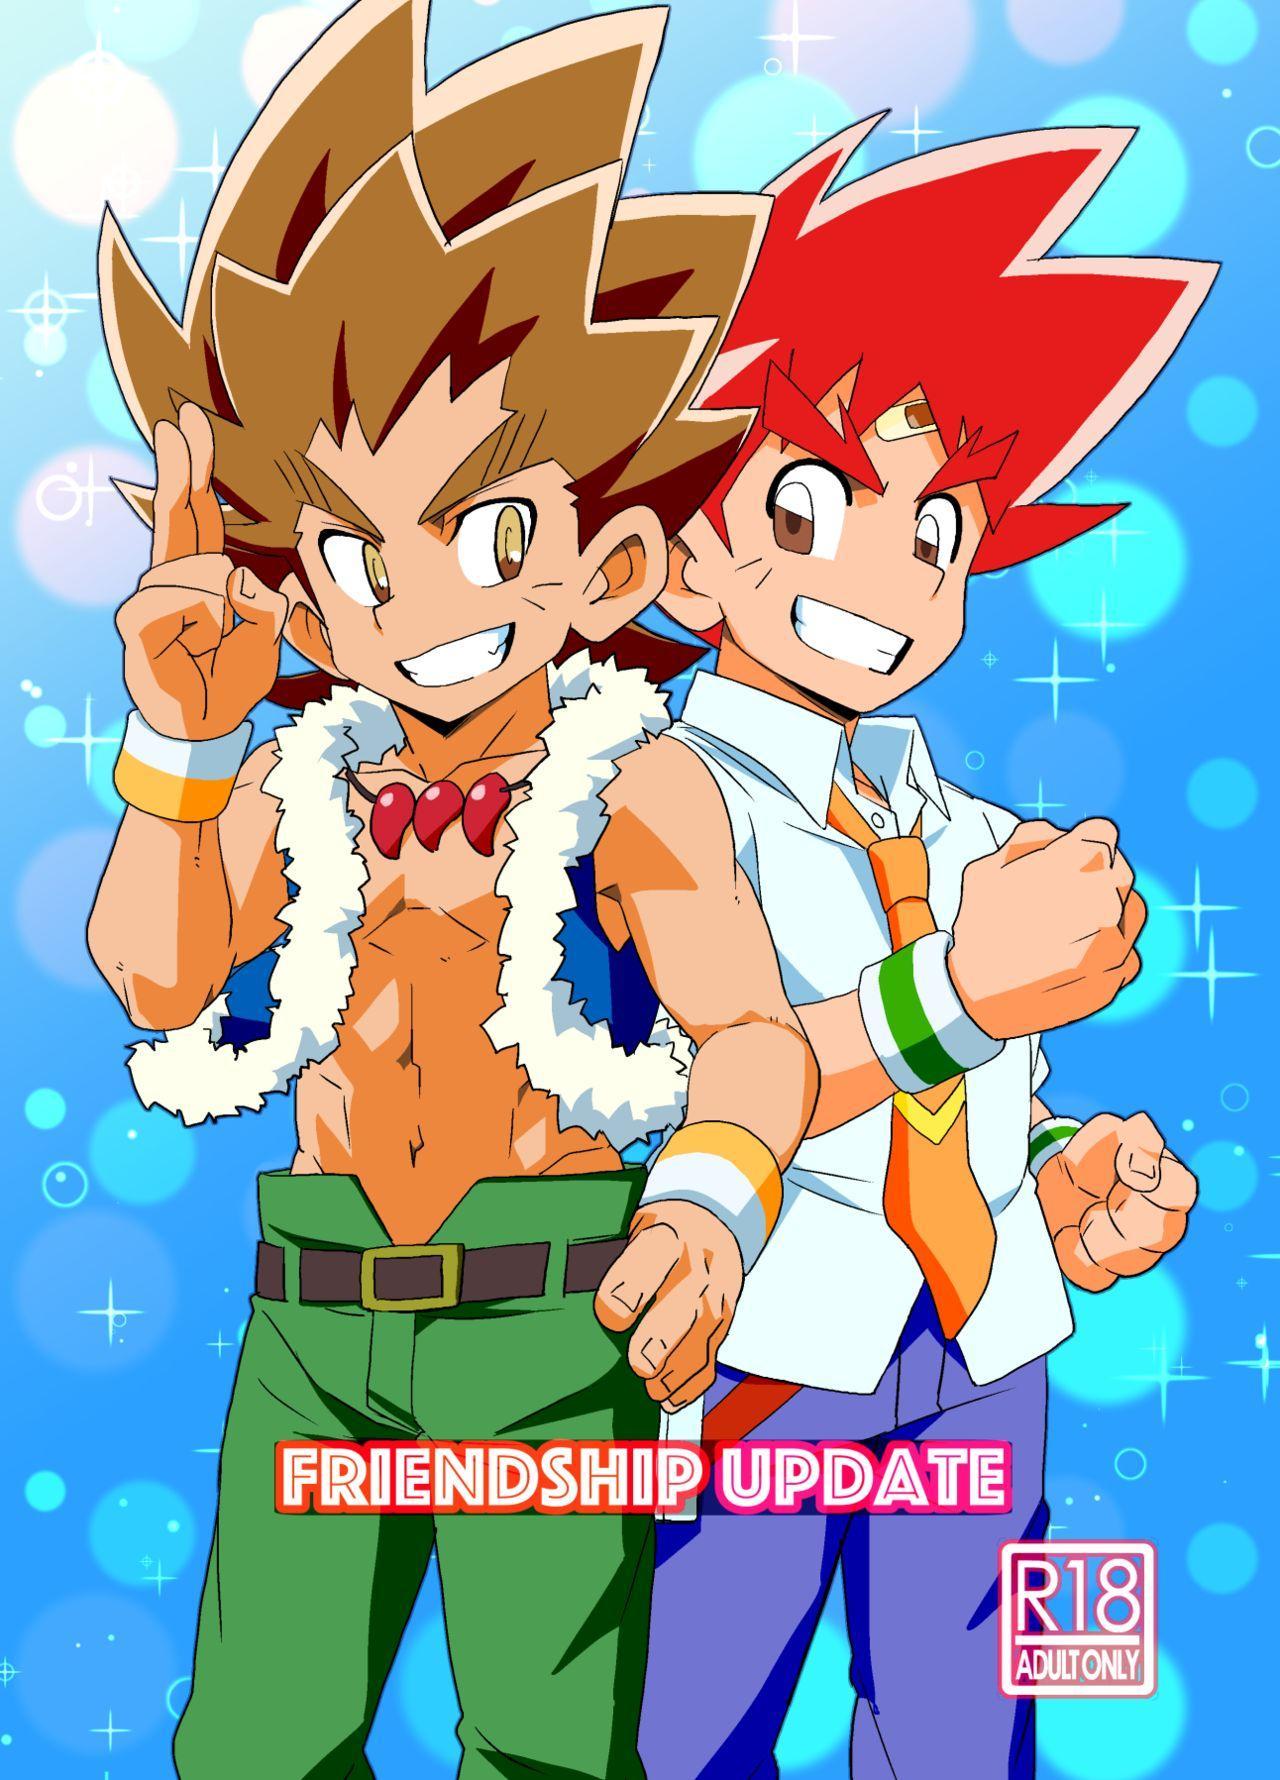 Friendship update 0